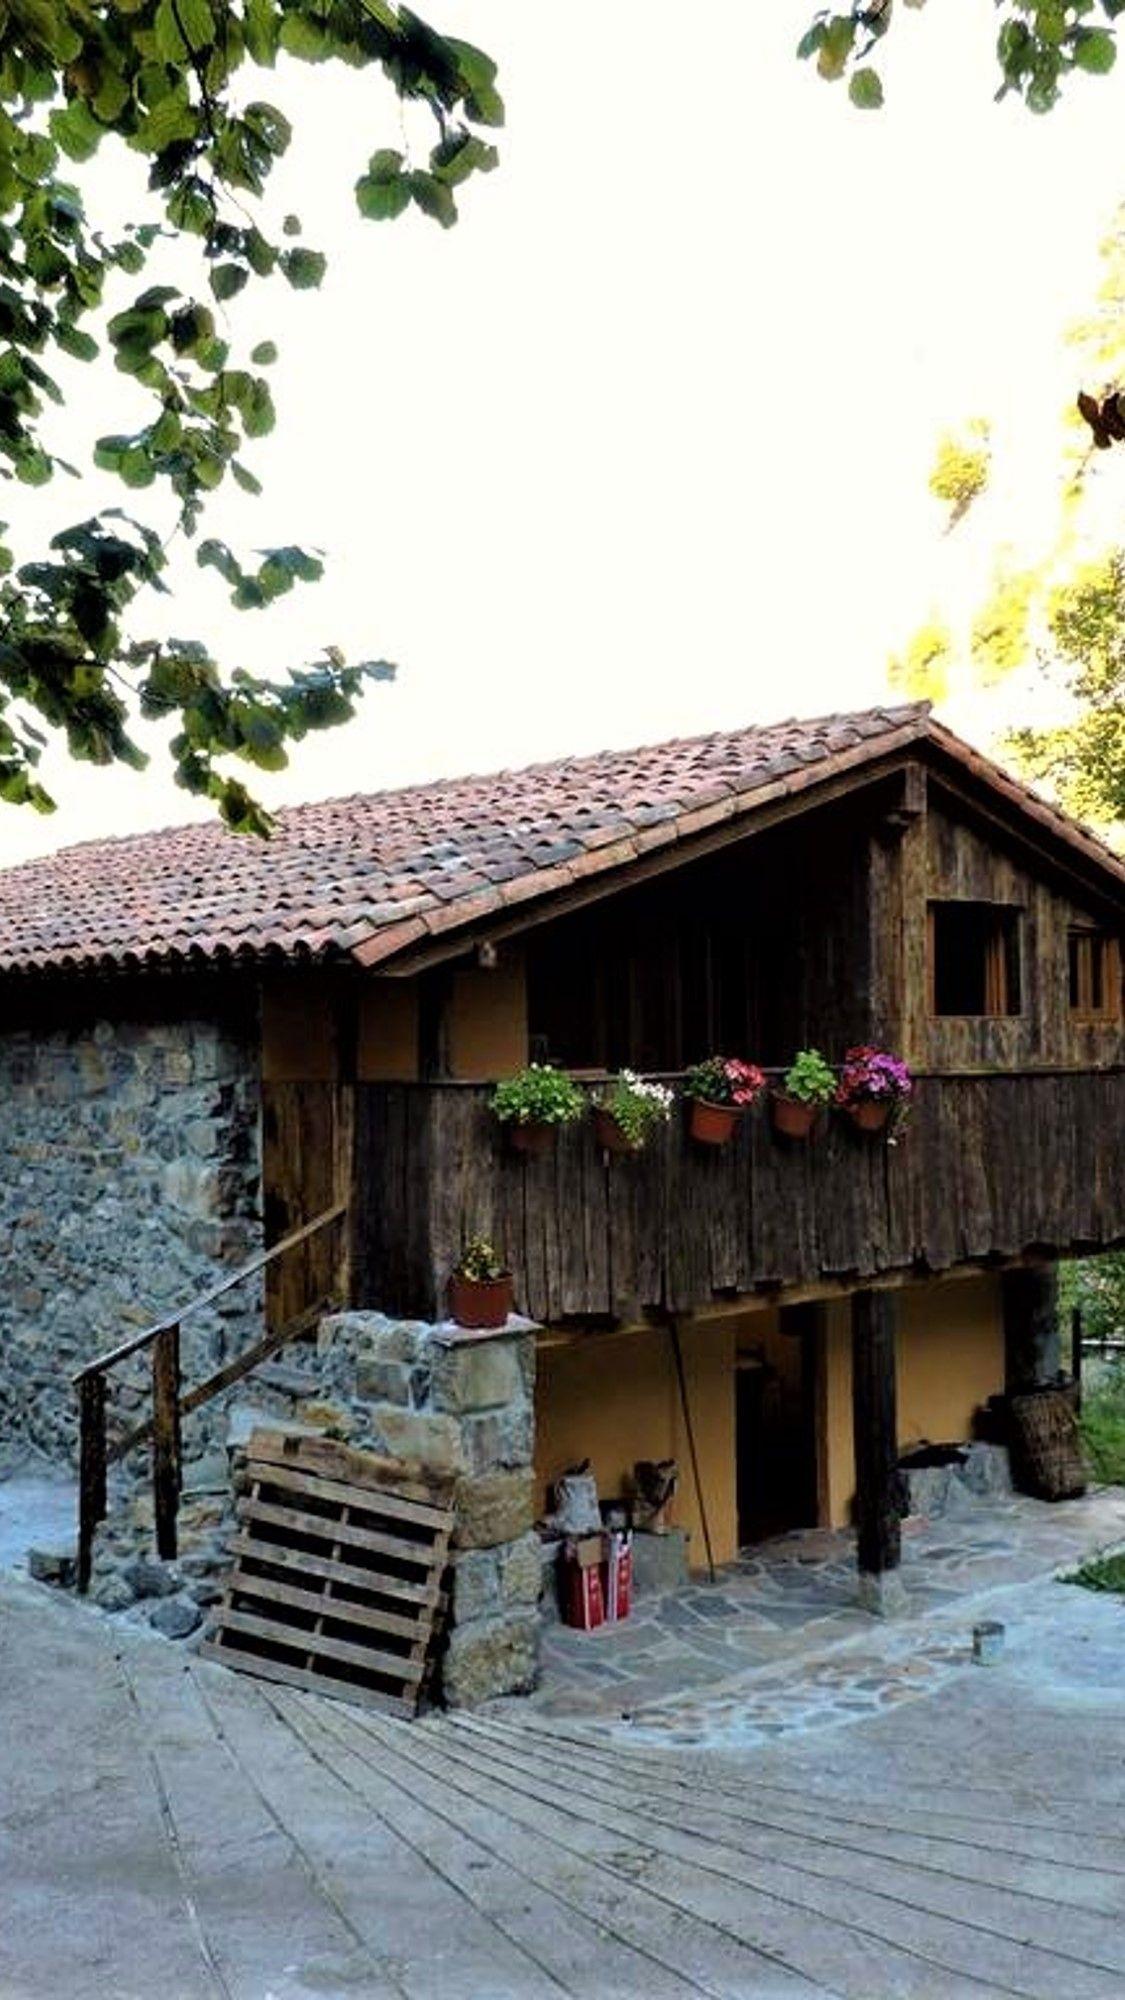 Cantabria Cabaña De Madera En Los Valles Pasiegos Alojamiento Original En Cantabria Valles Pasiegos Casas Rurales Cabañas Estilo En El Hogar